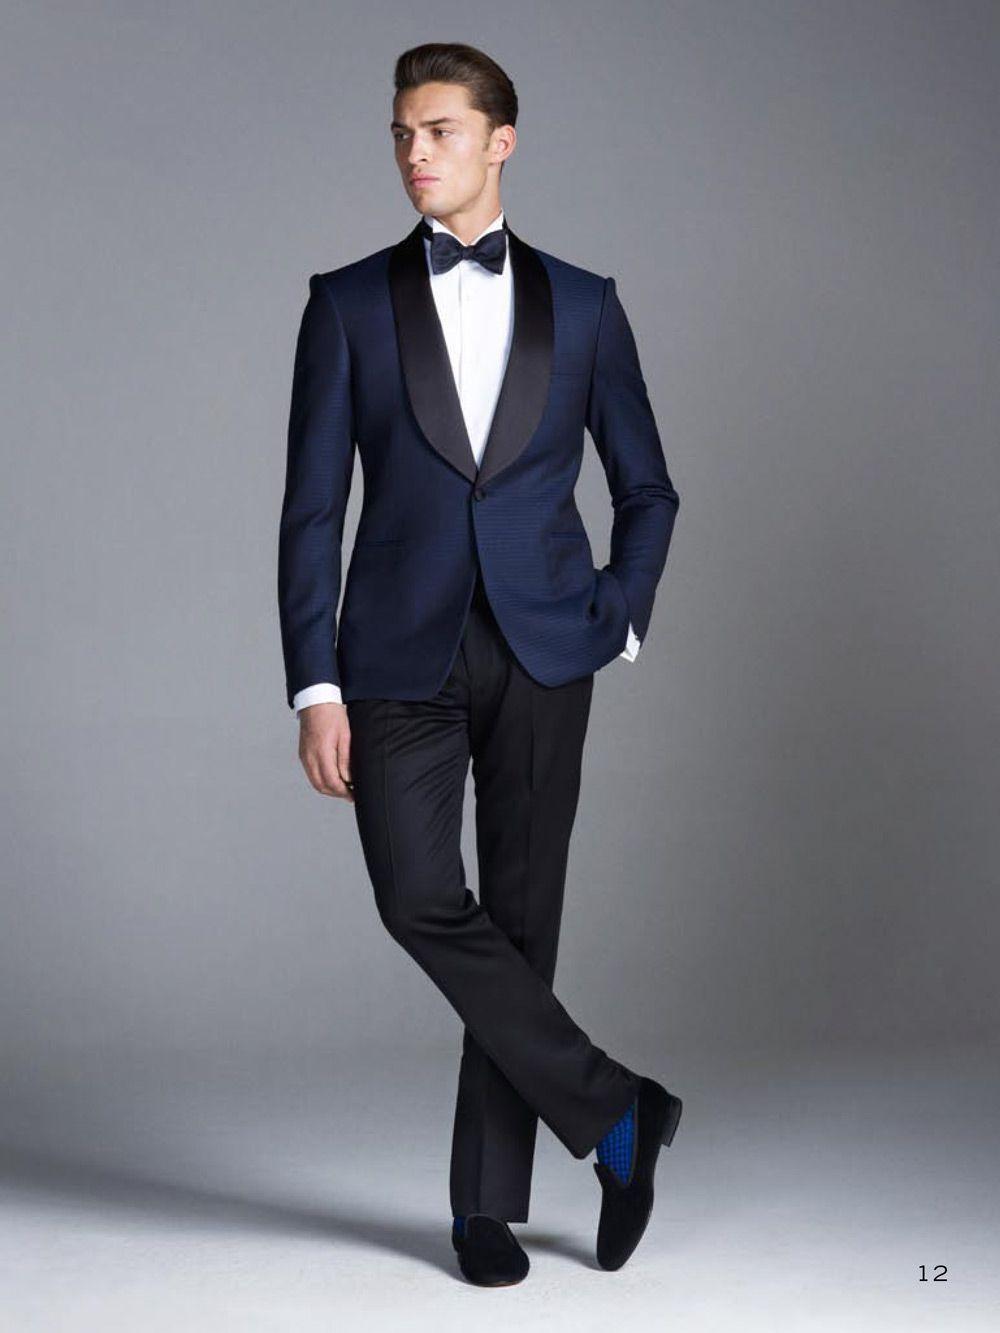 Compre 2015 Trajes De Boda Azul Marino Padrinos De Boda Mejor Para Hombre  De La Boda Trajes Formales Chal Solapa Por Encargo Smokings Del Novio  Chaqueta + ... 8fb48df4e09